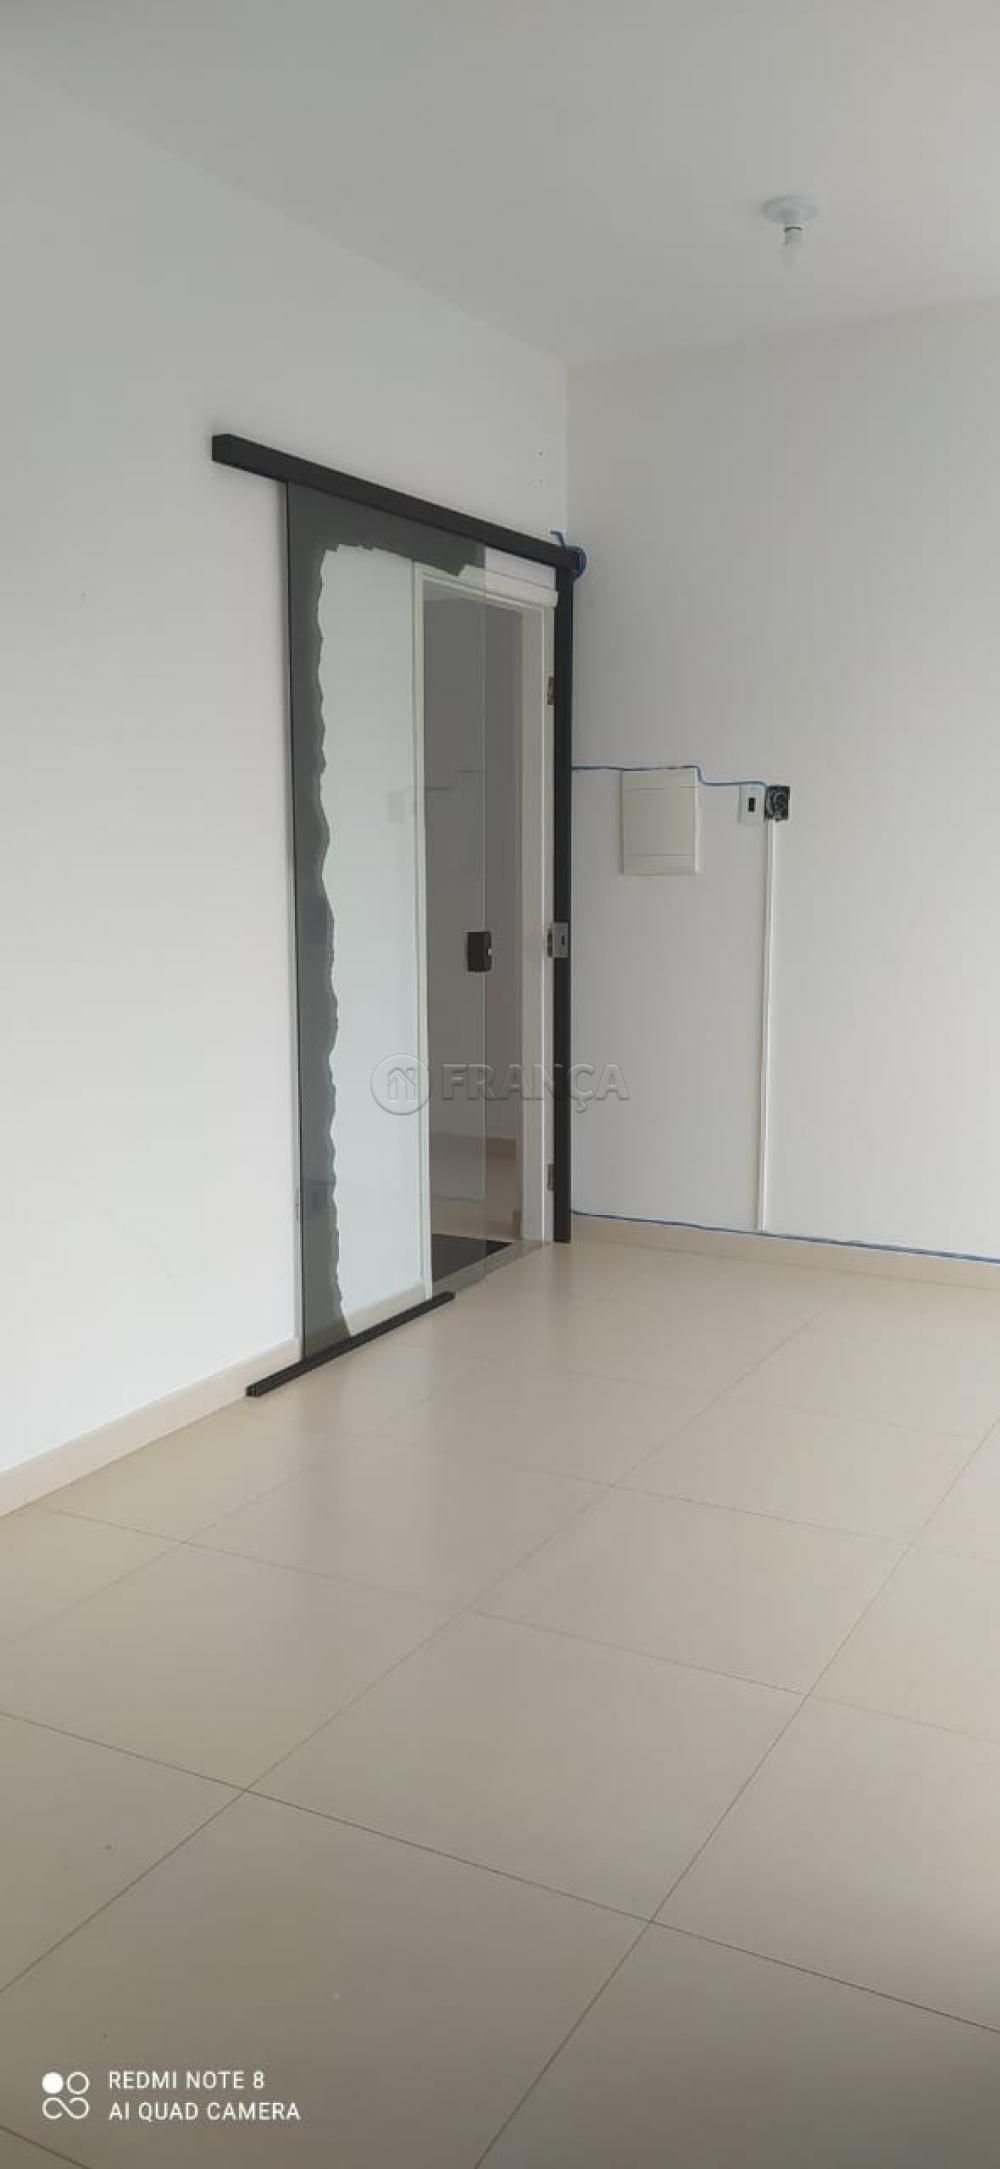 Alugar Comercial / Sala em Jacareí apenas R$ 1.000,00 - Foto 11